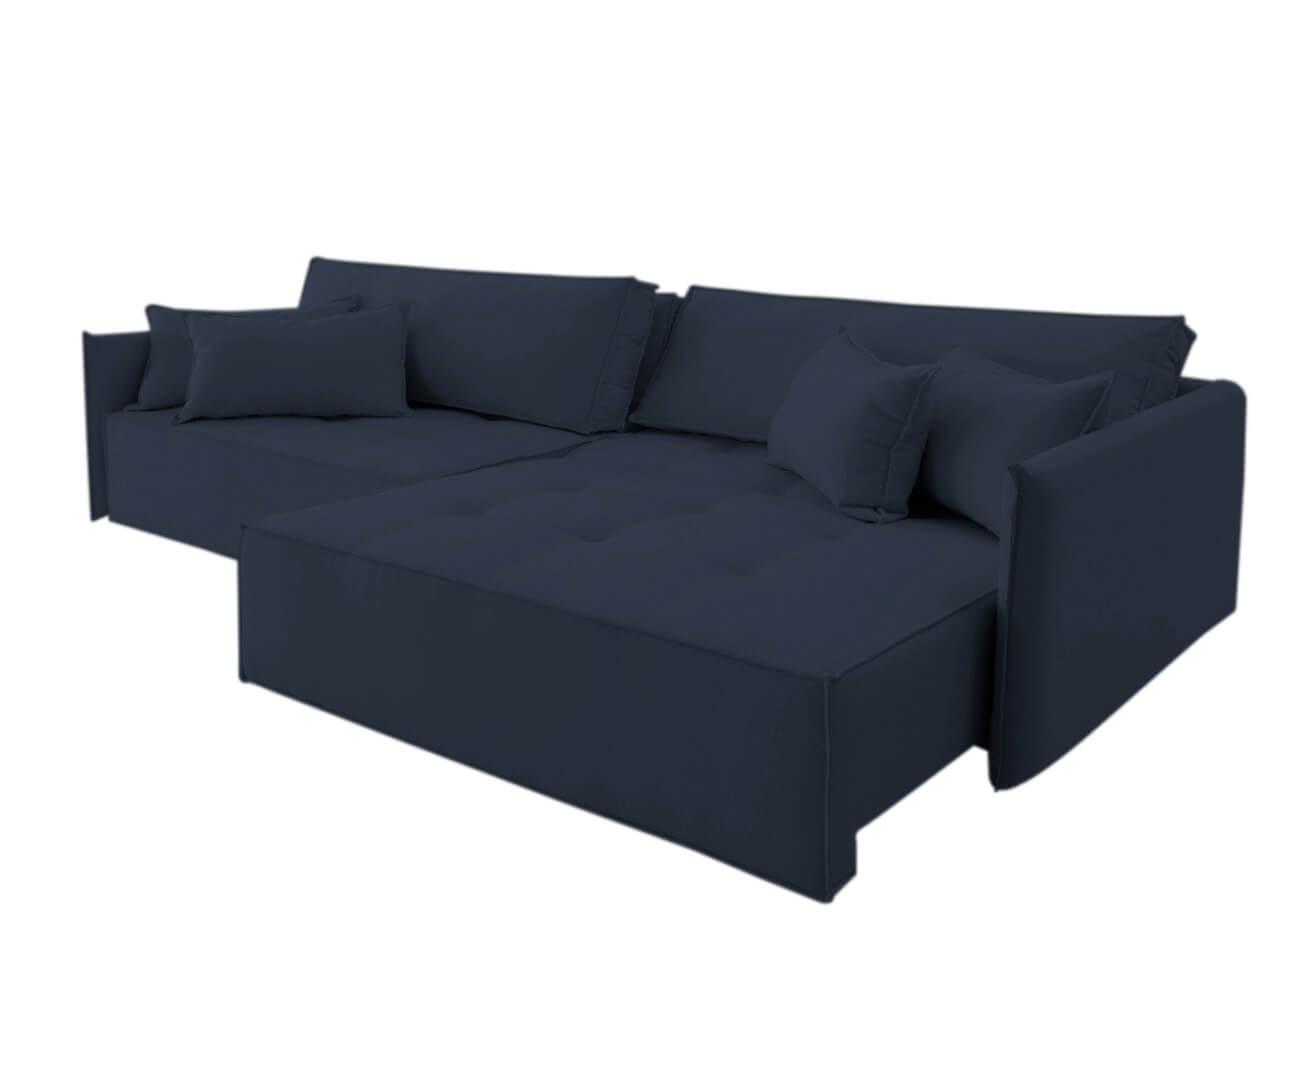 sofá retrátil 4 lugares em molas sogno 1069